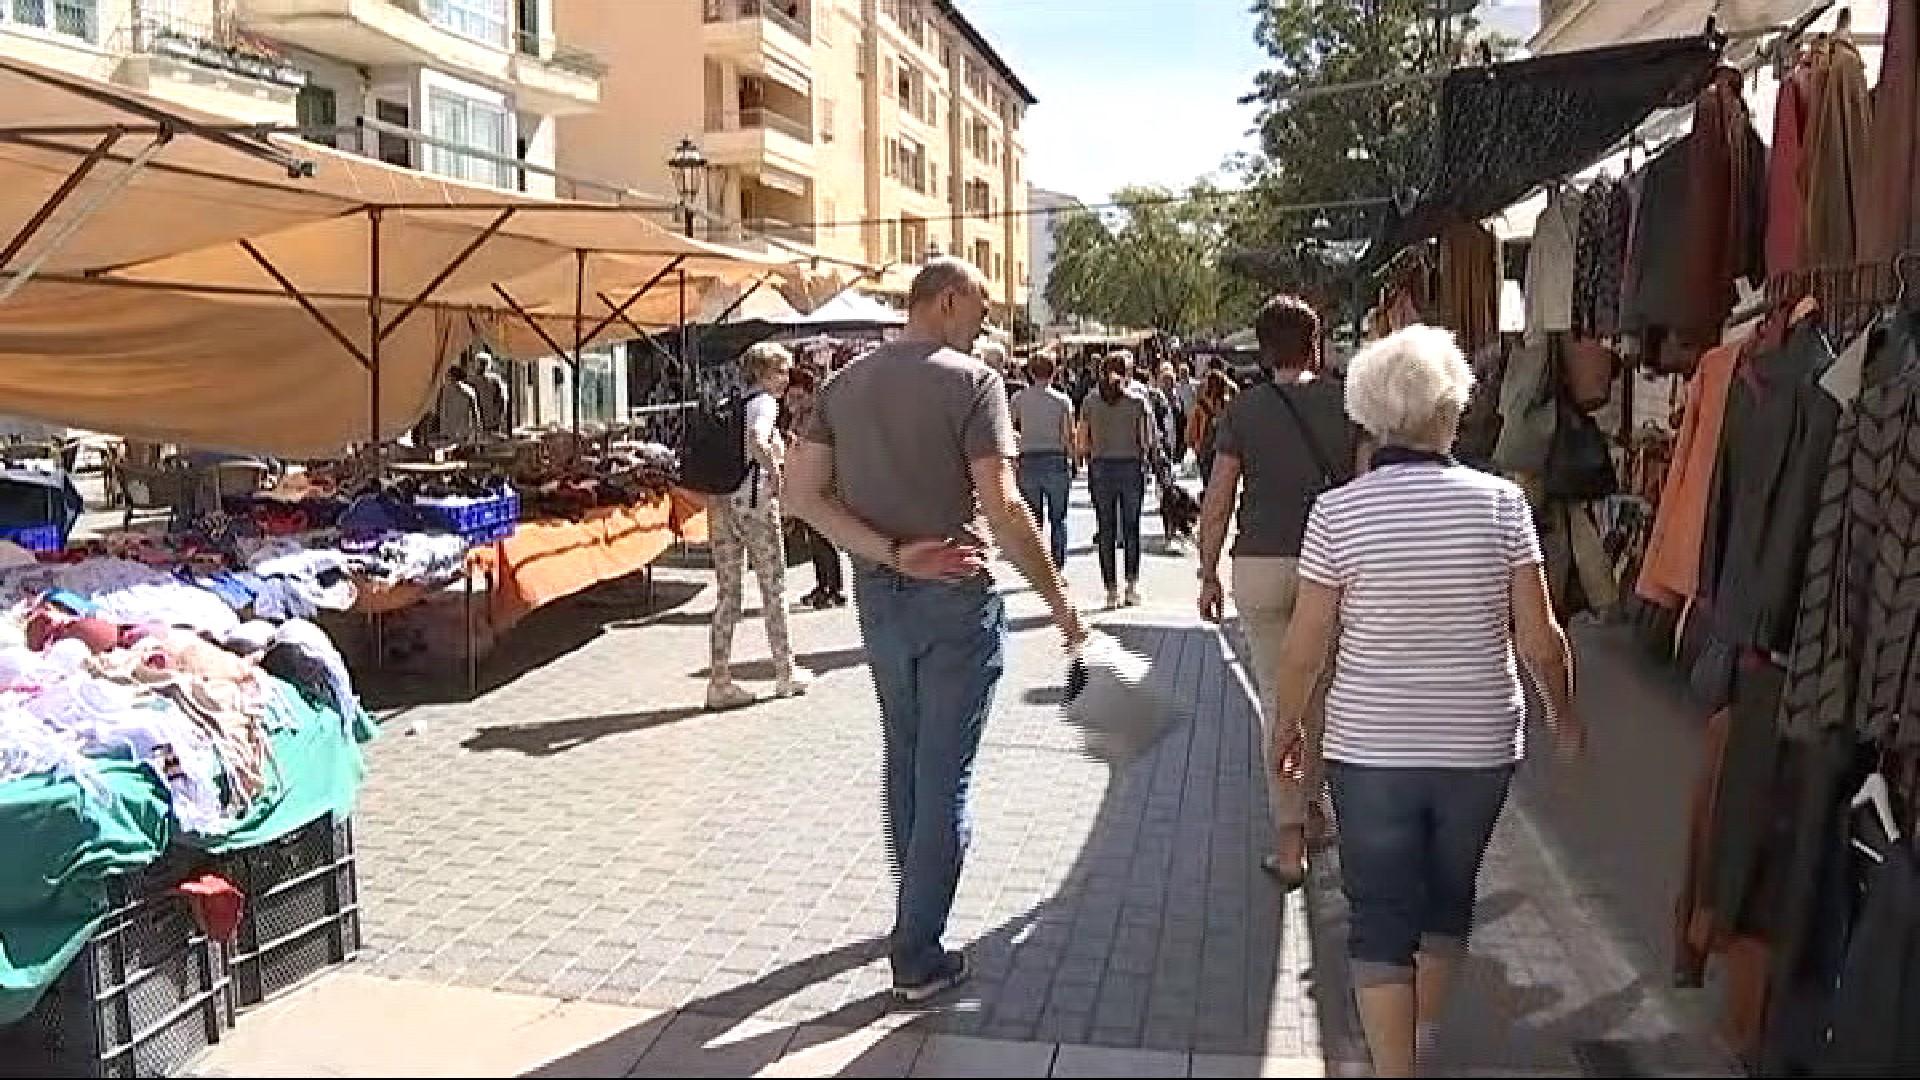 Cau+l%27aflu%C3%A8ncia+de+visitants+al+mercat+del+dijous+a+Inca